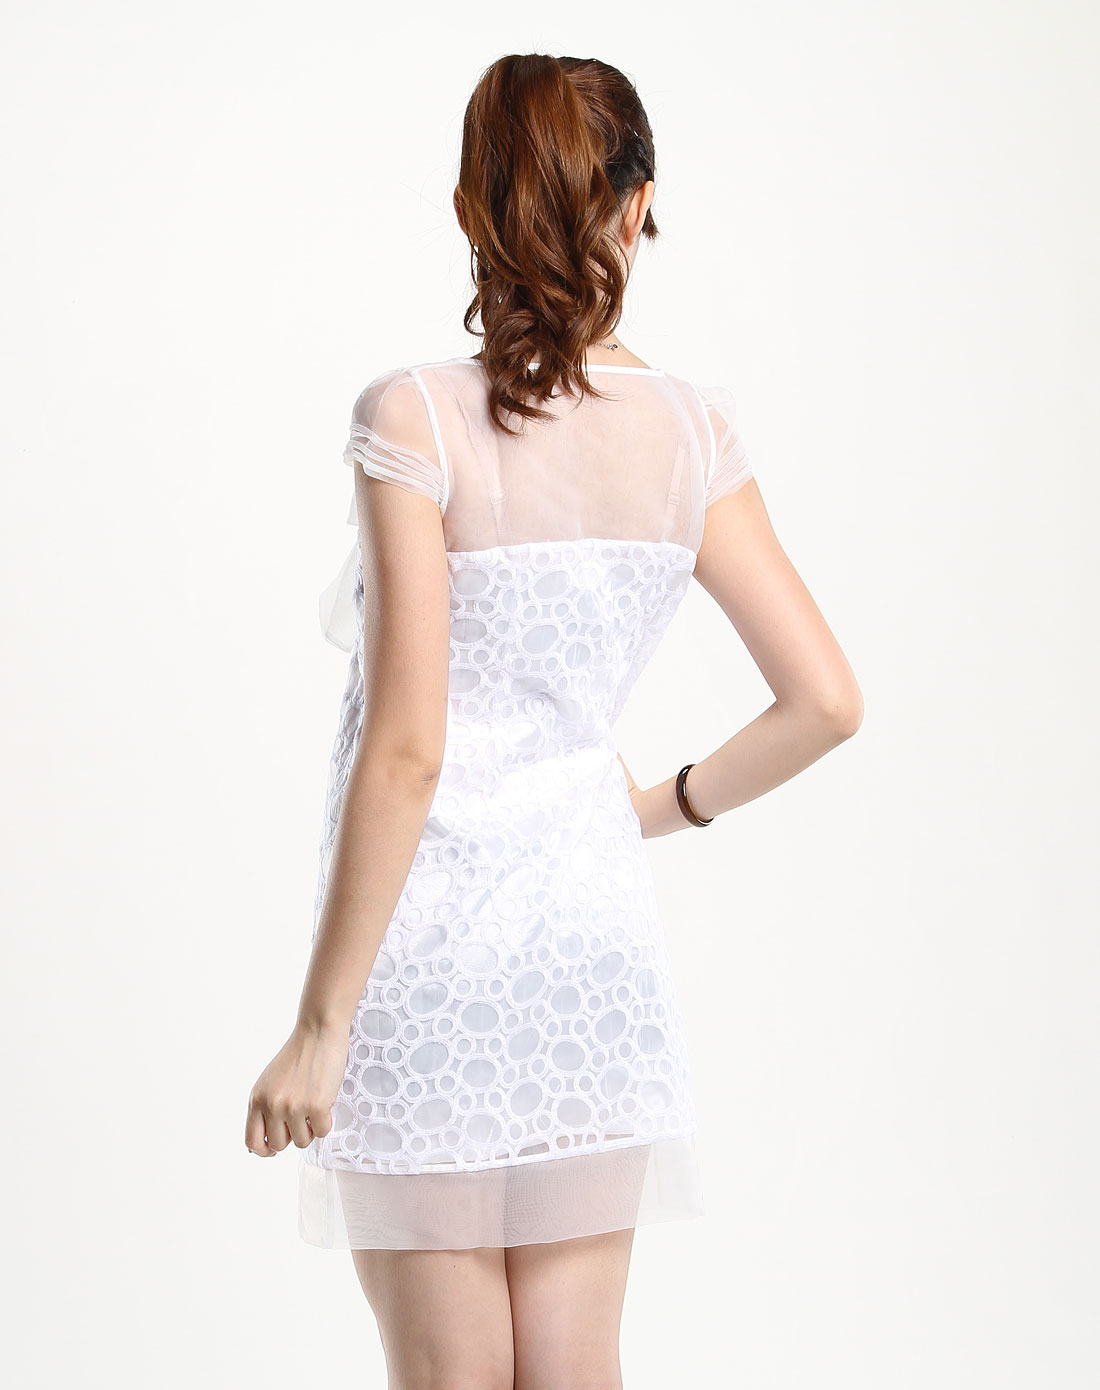 贝茜bessie女装专场白色甜美蝴蝶结轻纱短袖连衣裙